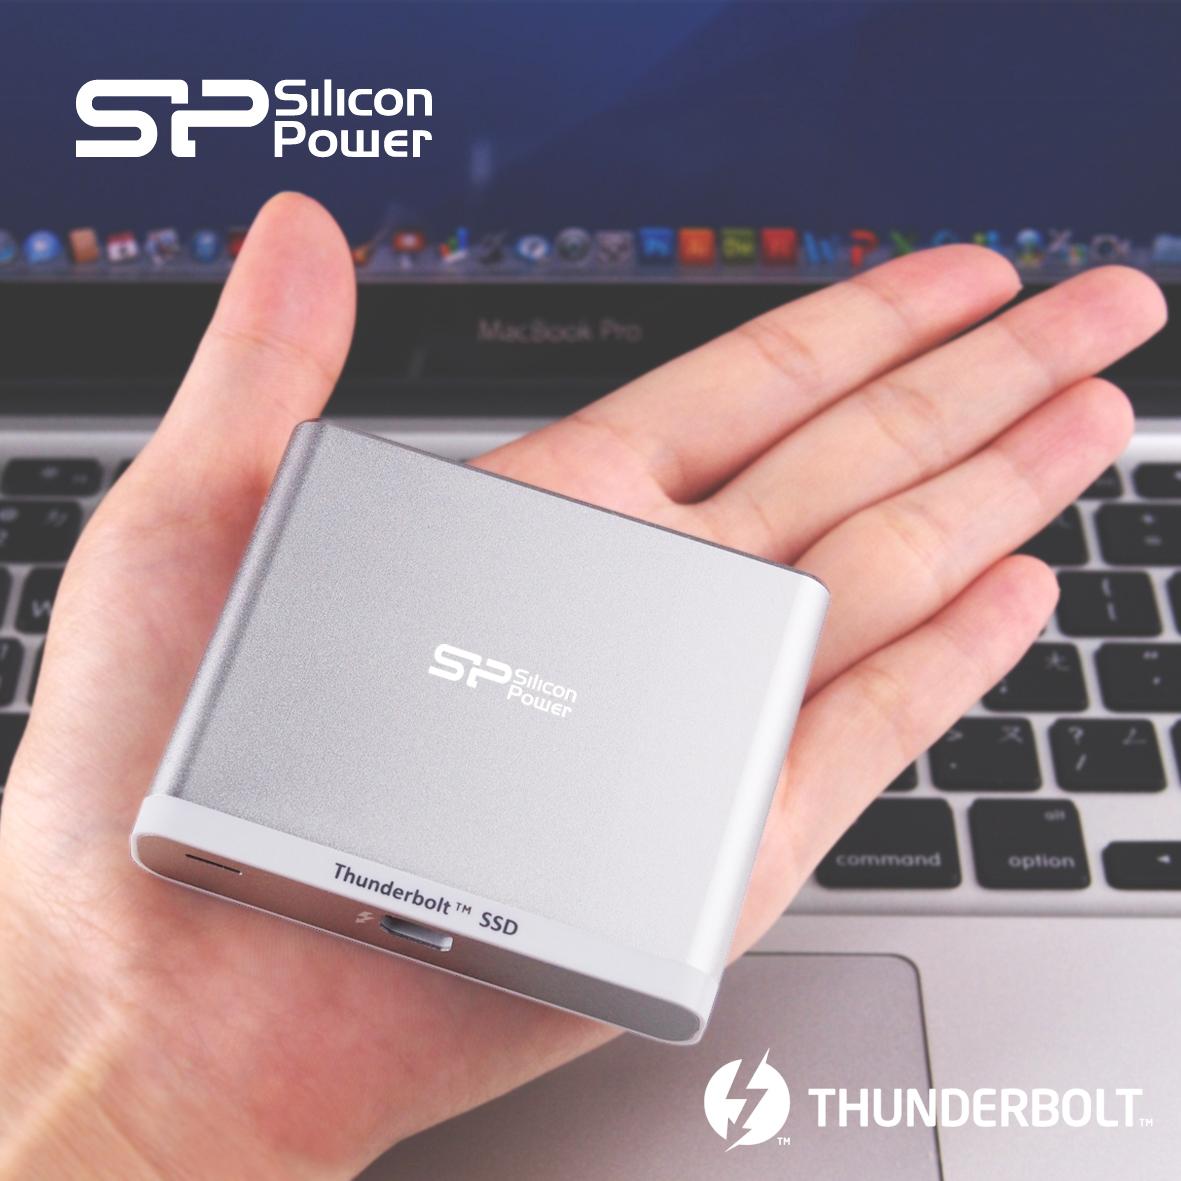 シリコンパワー新設計による軽量・小型・高速Thunderbolt™ 外付けSSD 「Thunder T11」をリリース